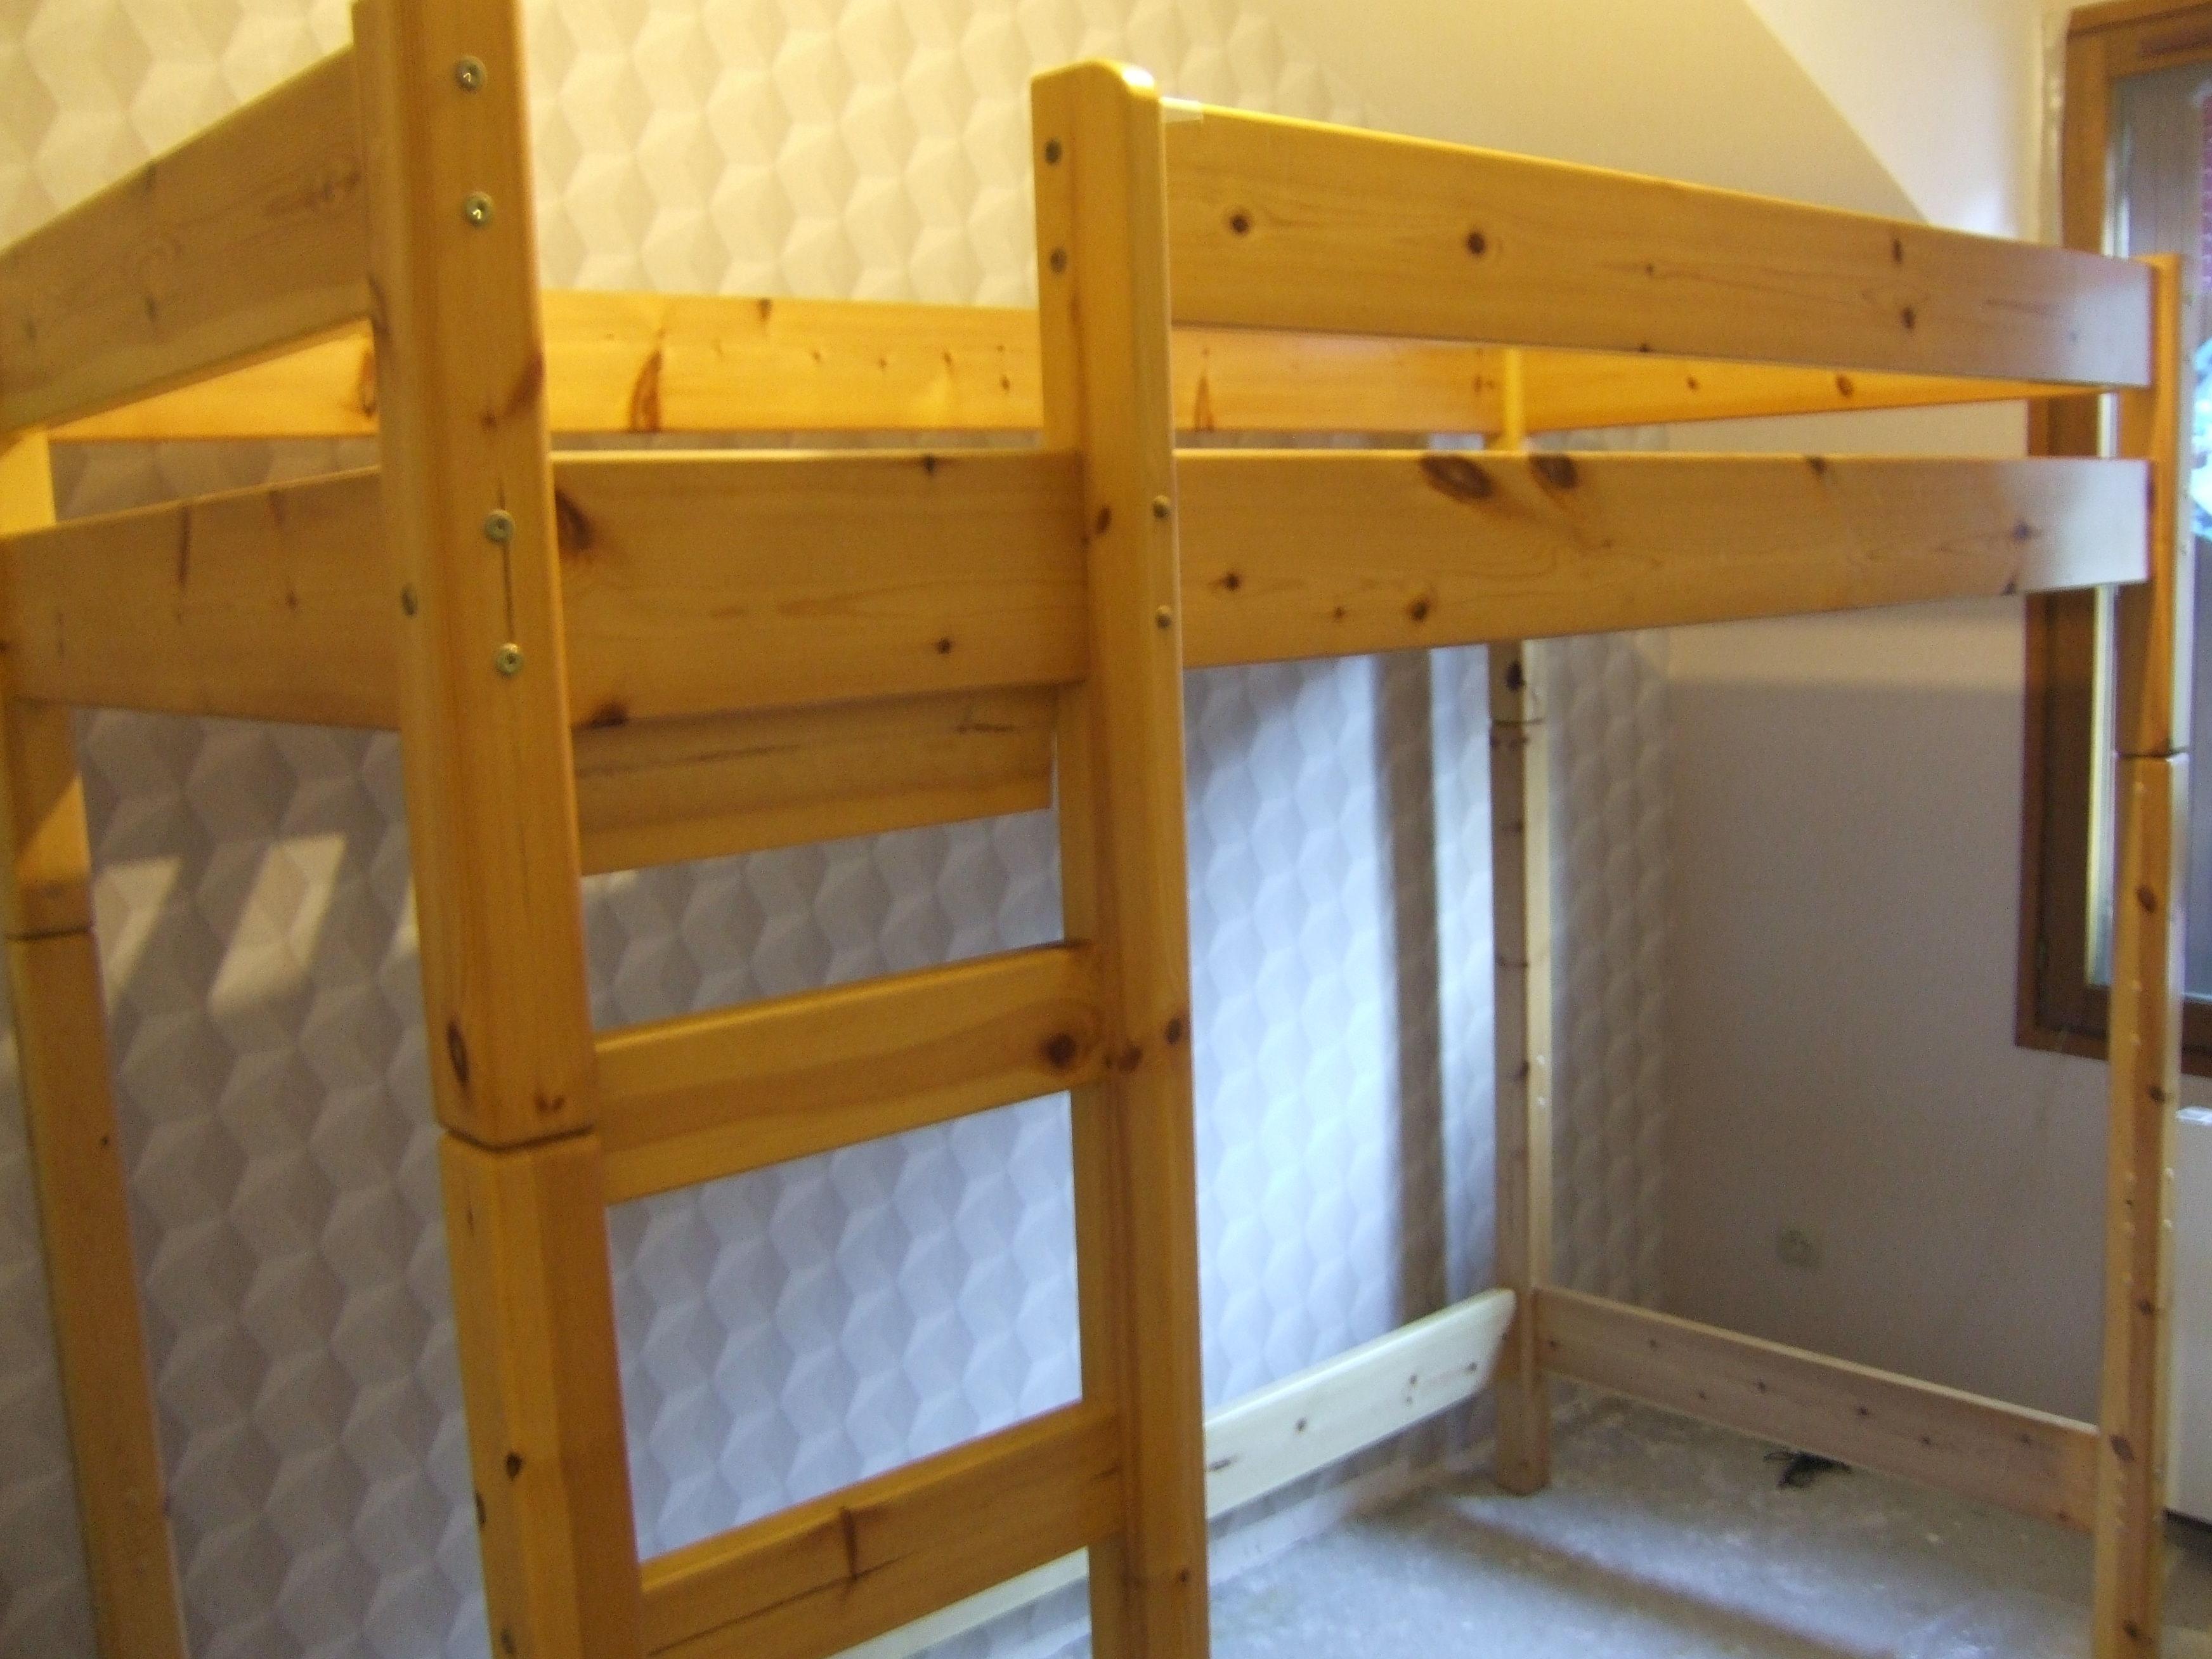 lits 2 places occasion grenoble 38 annonces achat et vente de lits 2 places paruvendu. Black Bedroom Furniture Sets. Home Design Ideas